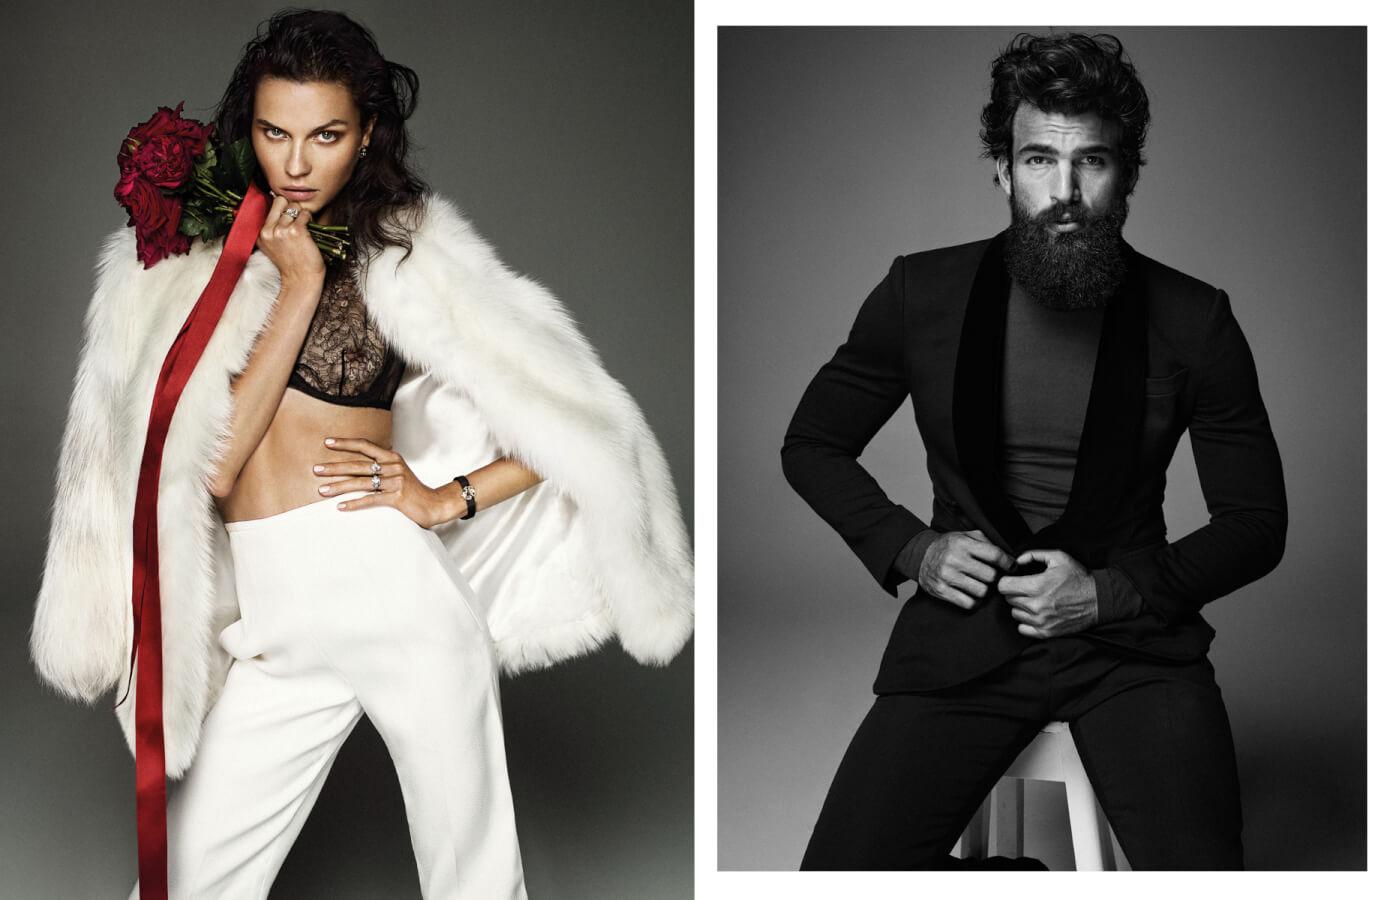 05_Alvaro_Beamud_Cortes_Vogue_Spain_Bridal